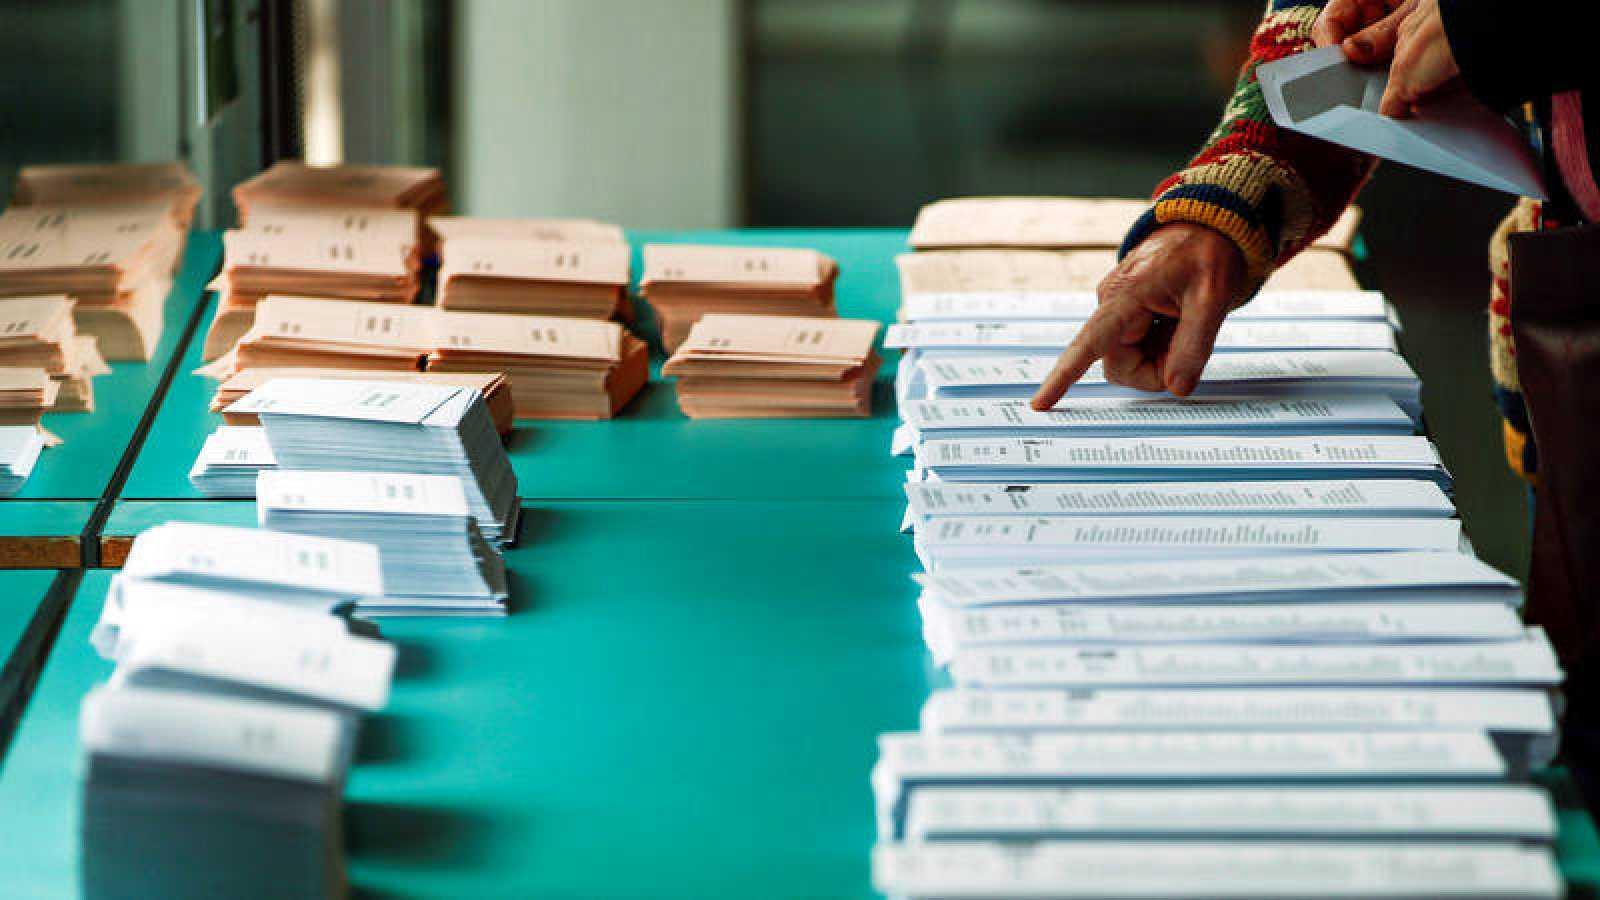 Las últimas elecciones generales fueron el 10 de noviembre